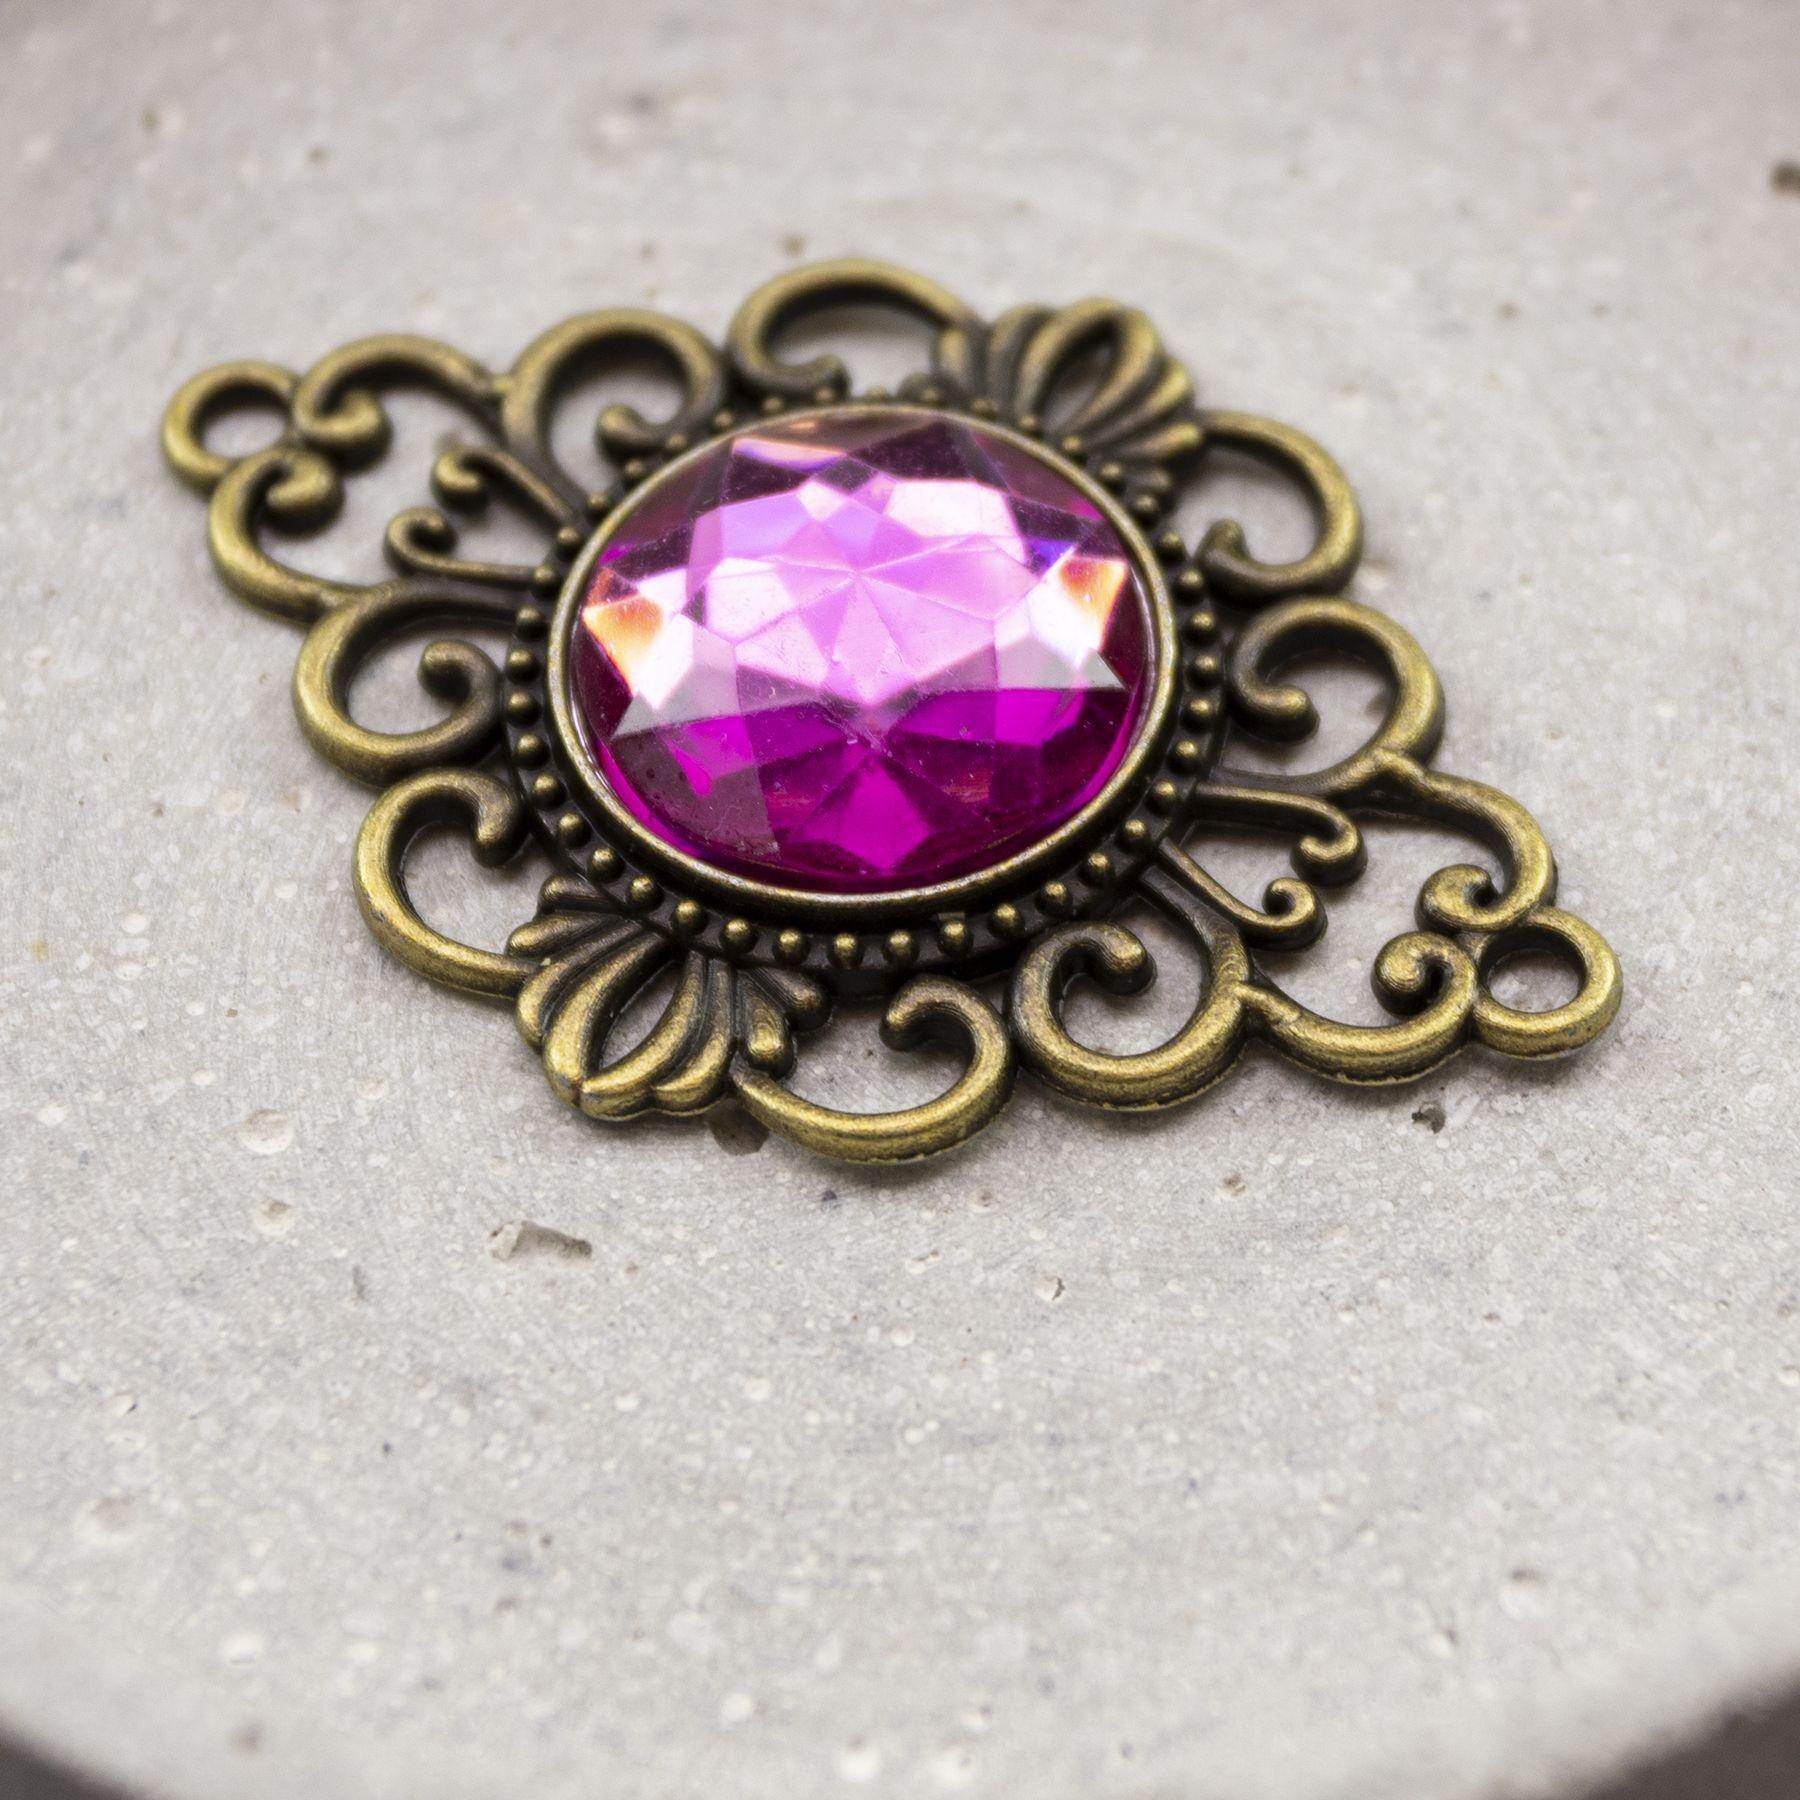 Antique Style Embellishments  category image